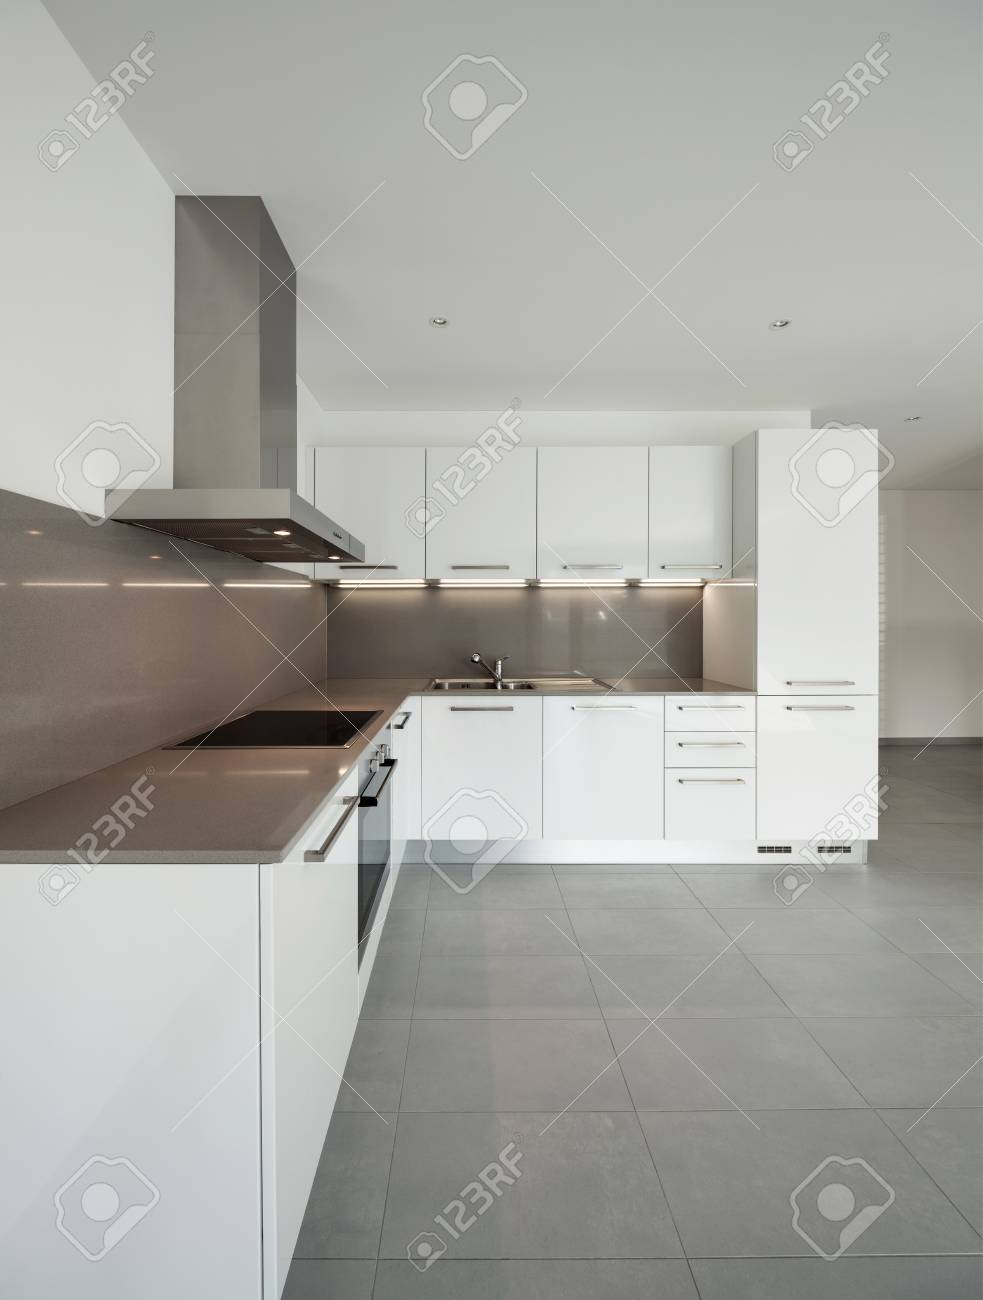 Das Innere Der Leeren Wohnung, Breiten Raum Mit Küche, Fliesenboden ...